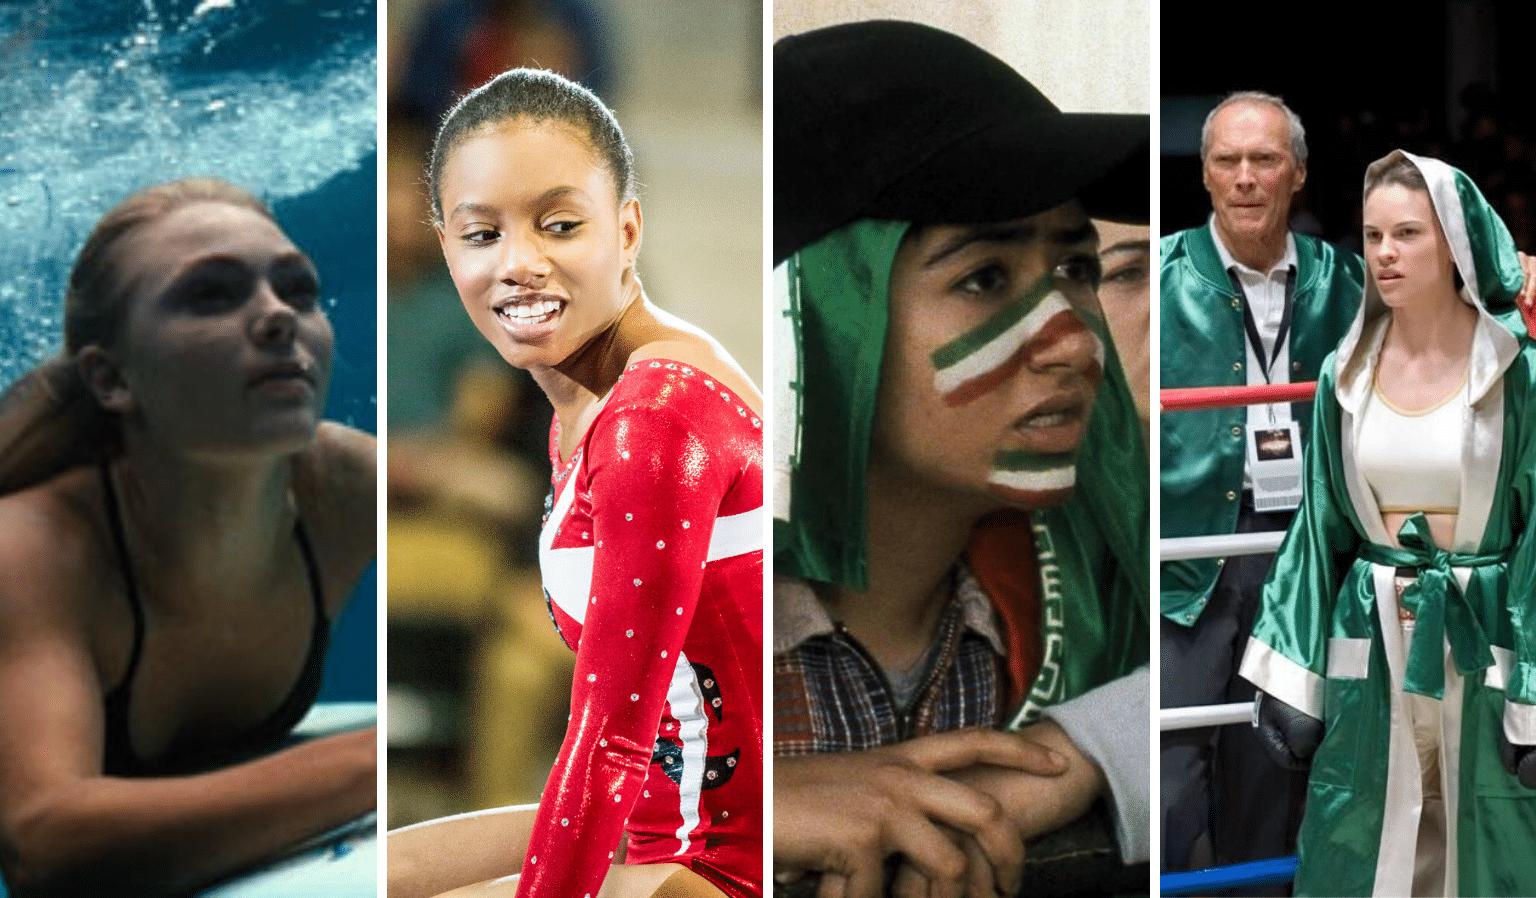 Pel·lícules i documentals sobre esport femení per veure durant el confinament 5